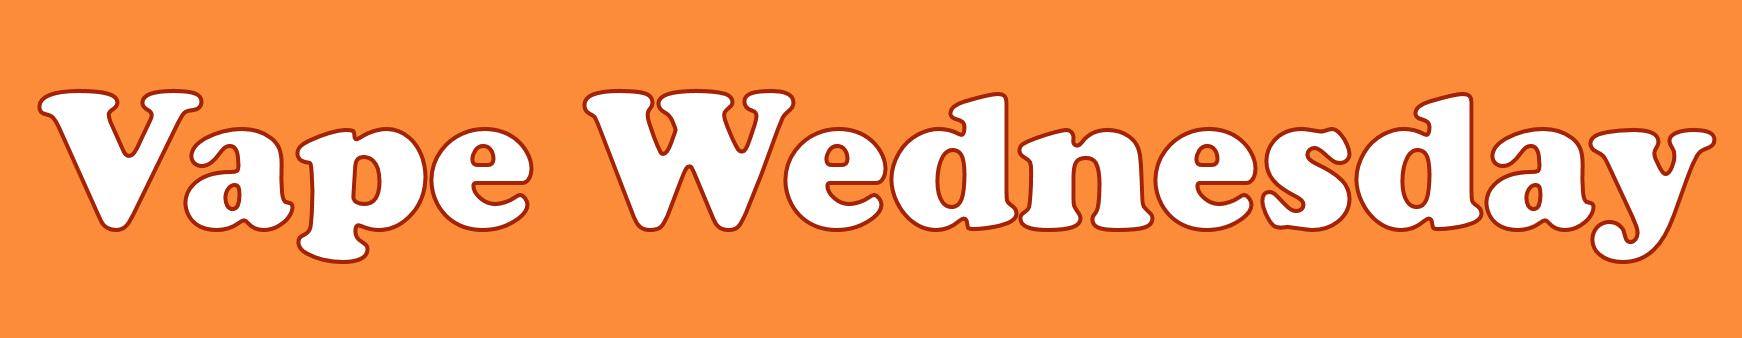 vape_wednesday